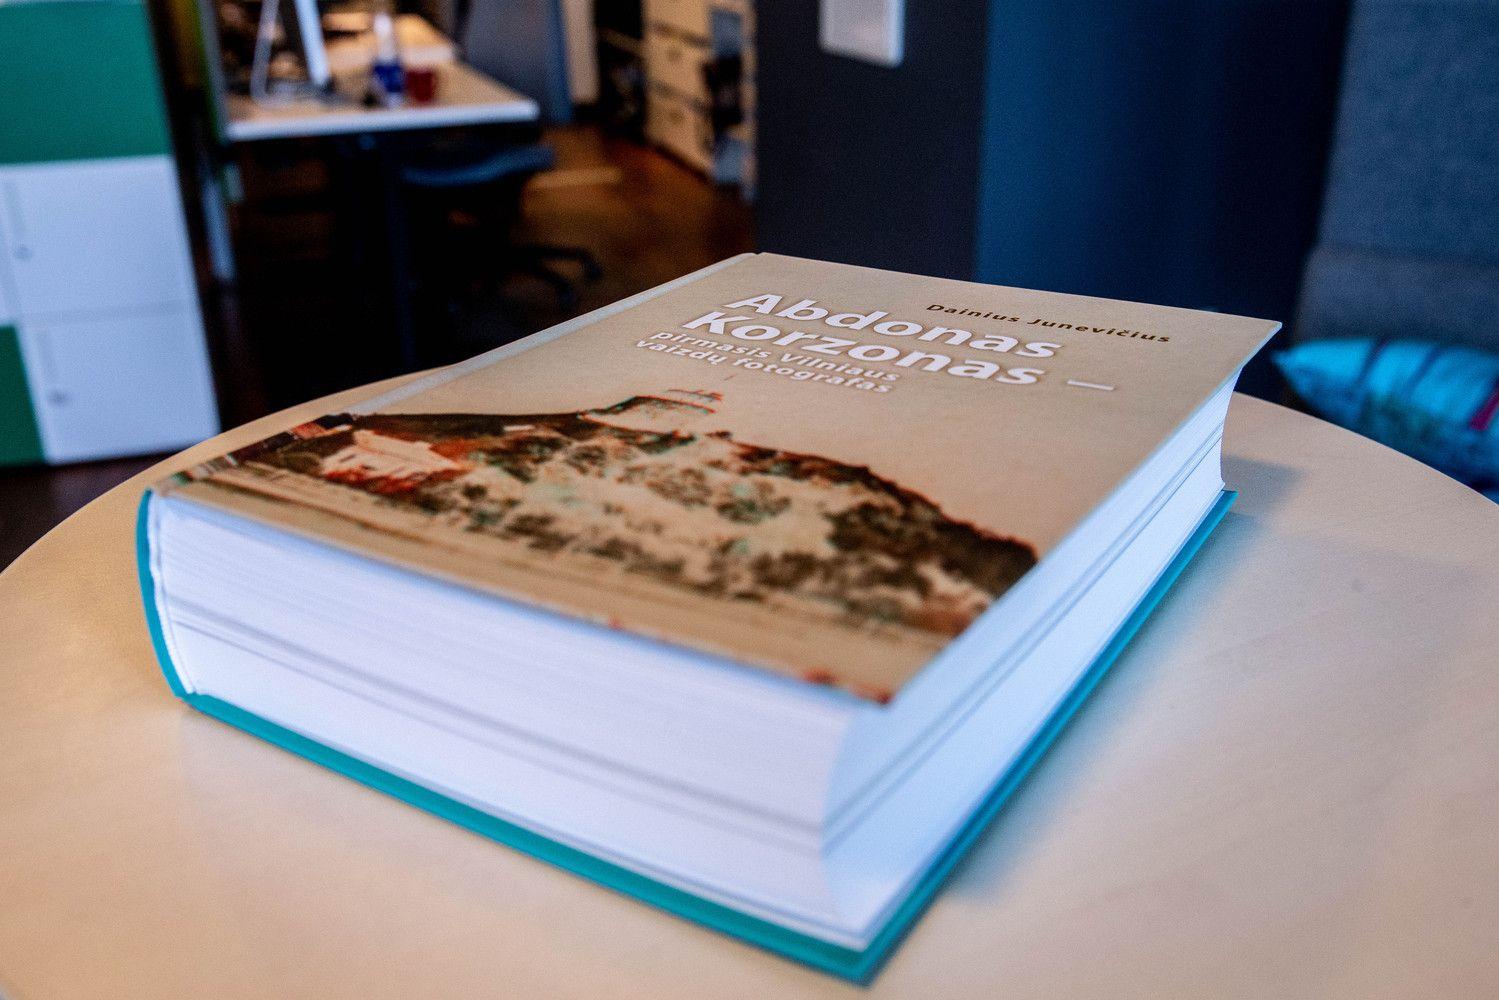 A. Korzono sugrįžimas: knyga apie pirmąjį Vilniaus vaizdų fotografą, 1863 m. sukilimą, Vilnių ir vilniečius